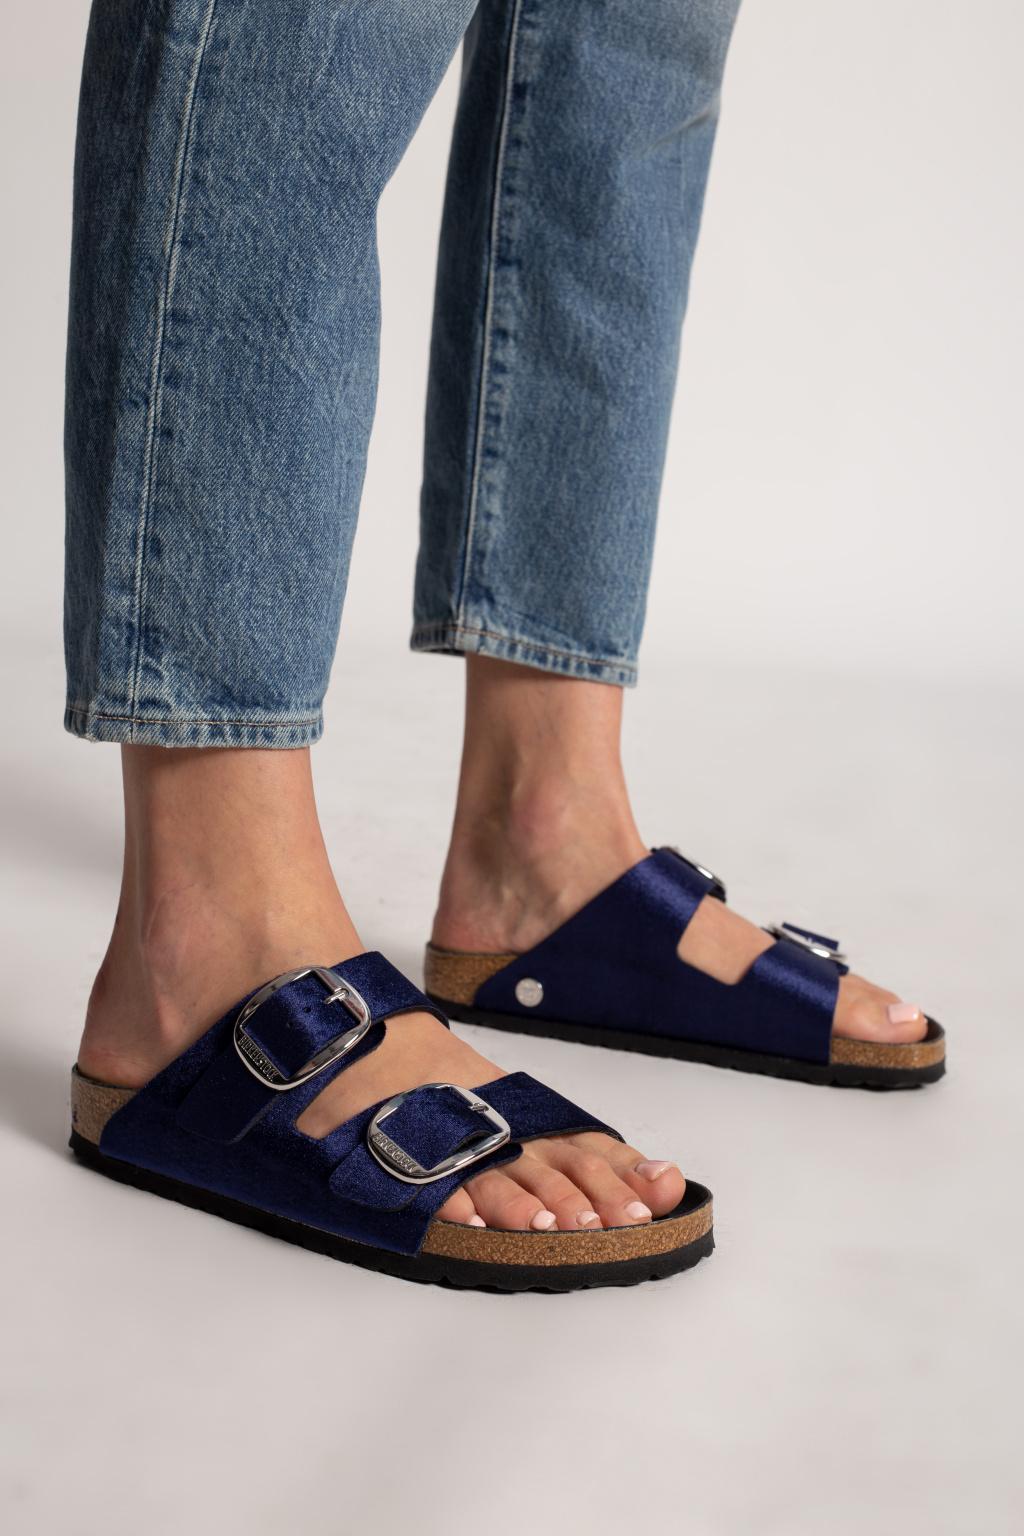 Birkenstock Arizona Big Buckle Rivet拖鞋